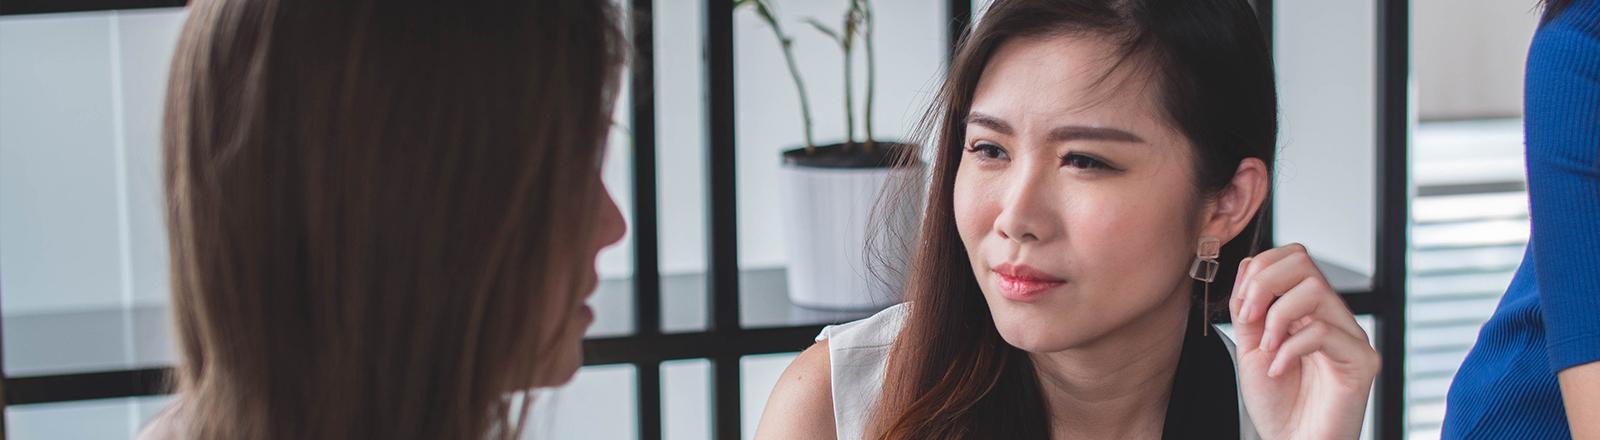 Frau, die zweifelnd ihre Gesprächspartnerin anguckt